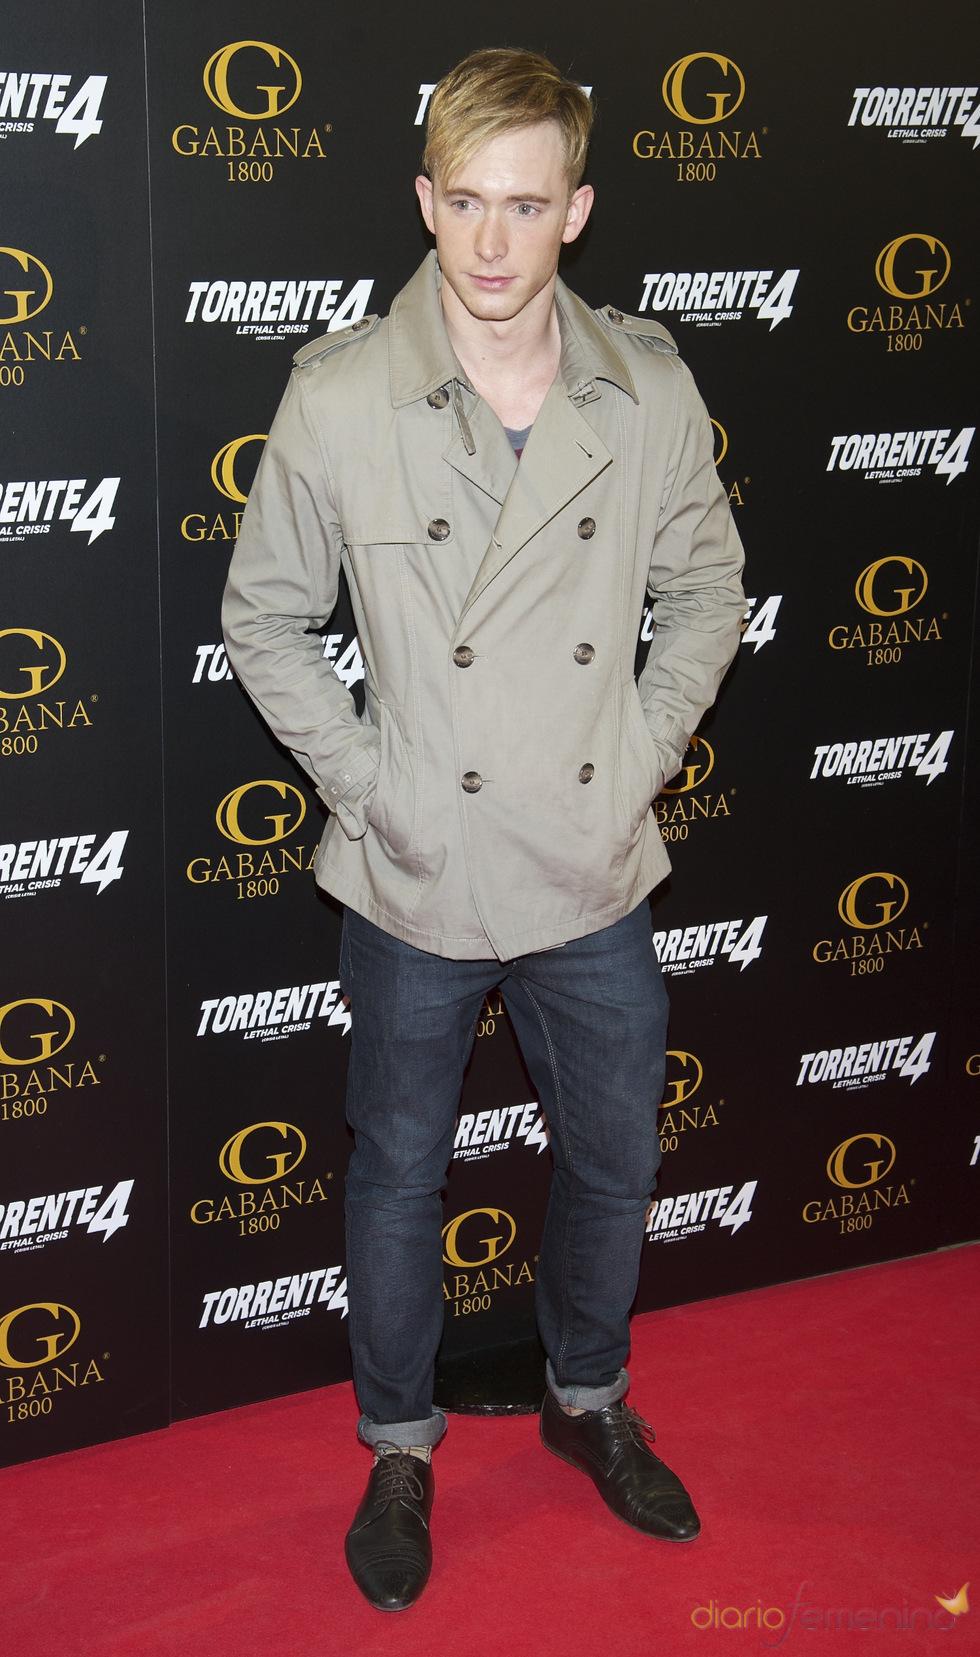 Pablo Rivero en el estreno de 'Torrente 4: lethal crisis'